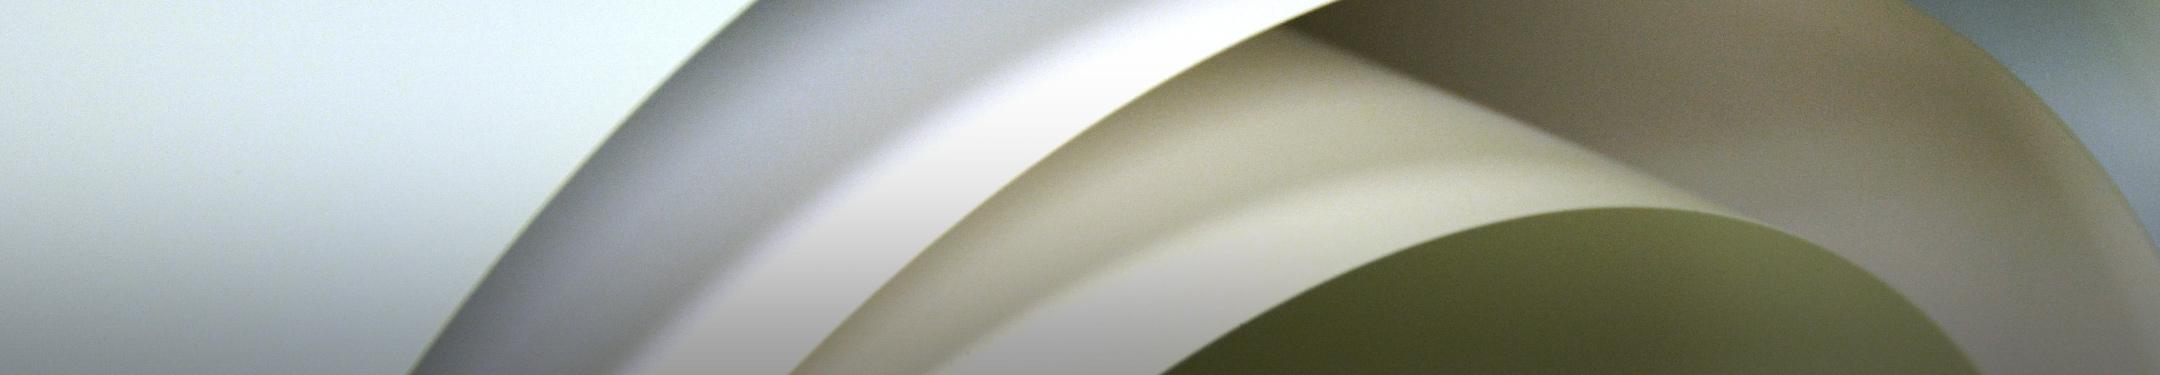 Triumph Premium Polyester